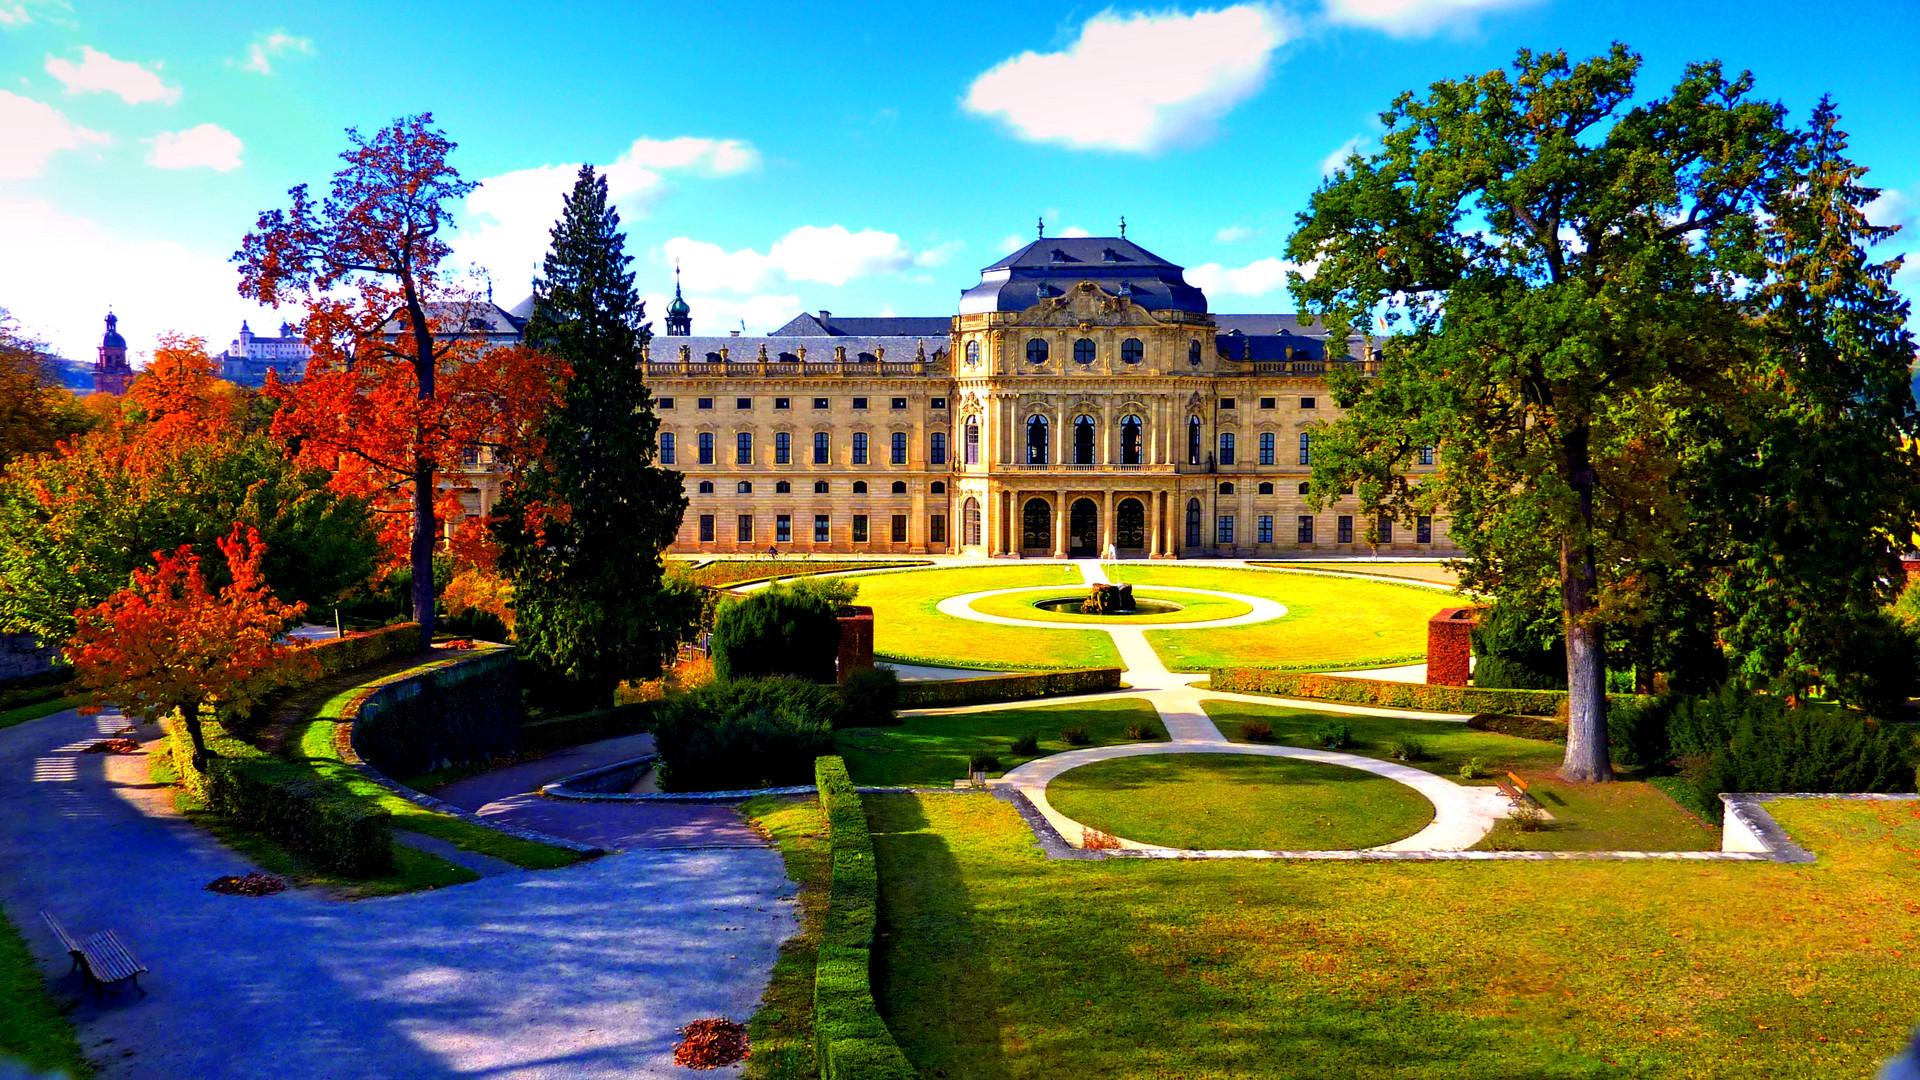 garten der residenz zu w rzburg im herbst foto bild deutschland europe bayern bilder auf. Black Bedroom Furniture Sets. Home Design Ideas